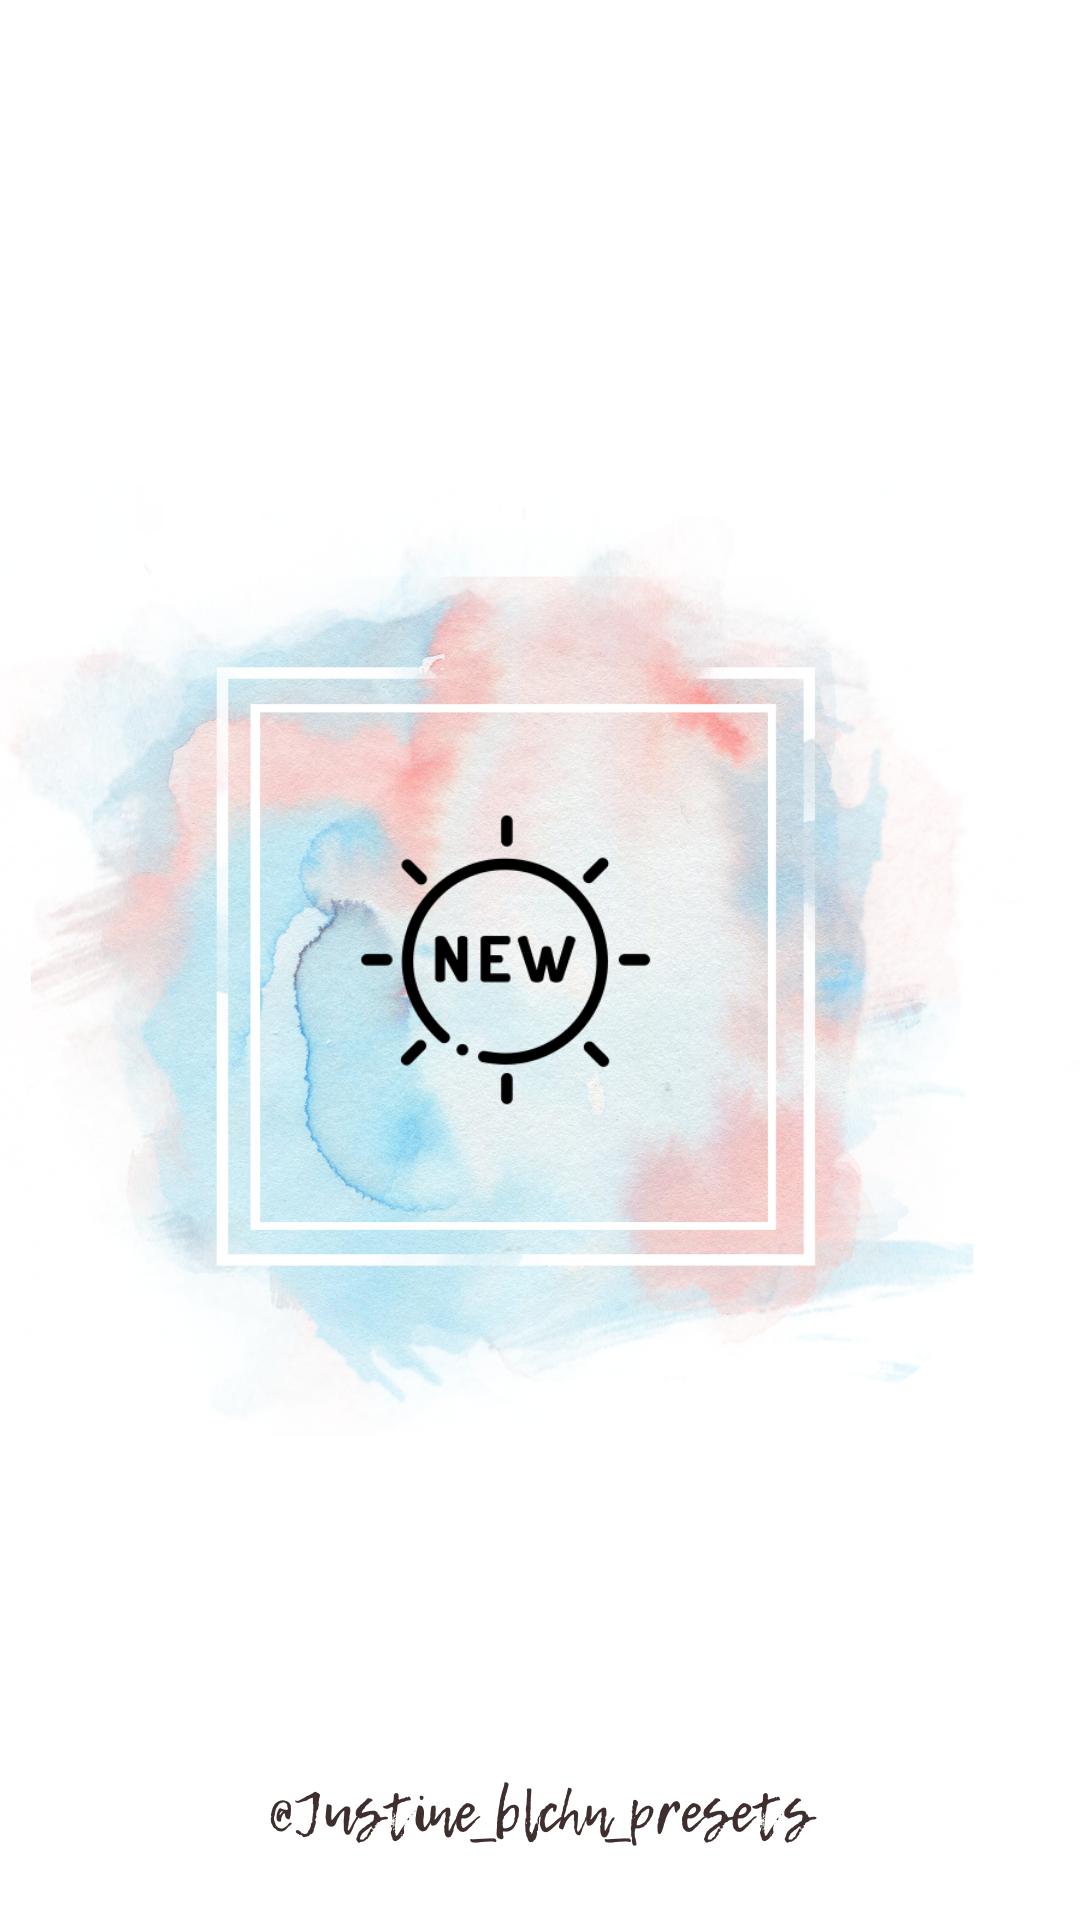 Lightstand Stehlampe Holz Und Schwarz In 2020 Instagram Highlight Icons Logo Online Shop Instagram Story